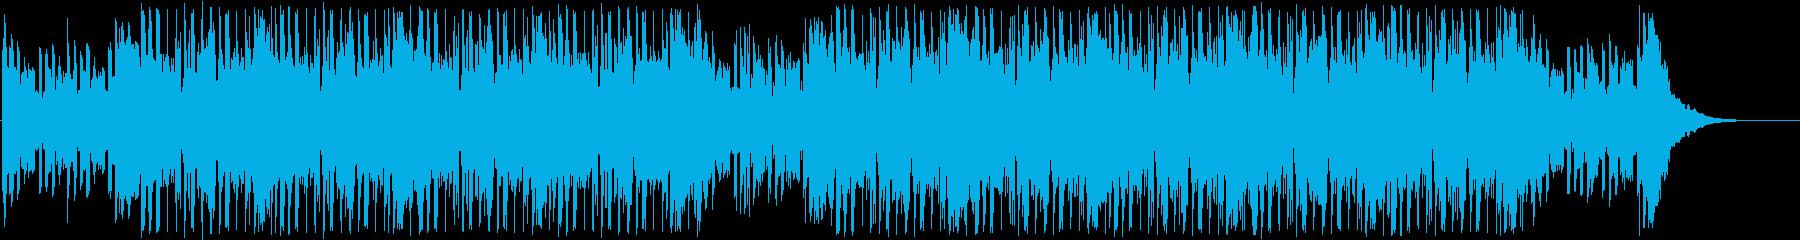 トラップ、ヒップホップ、テクスチャーの再生済みの波形